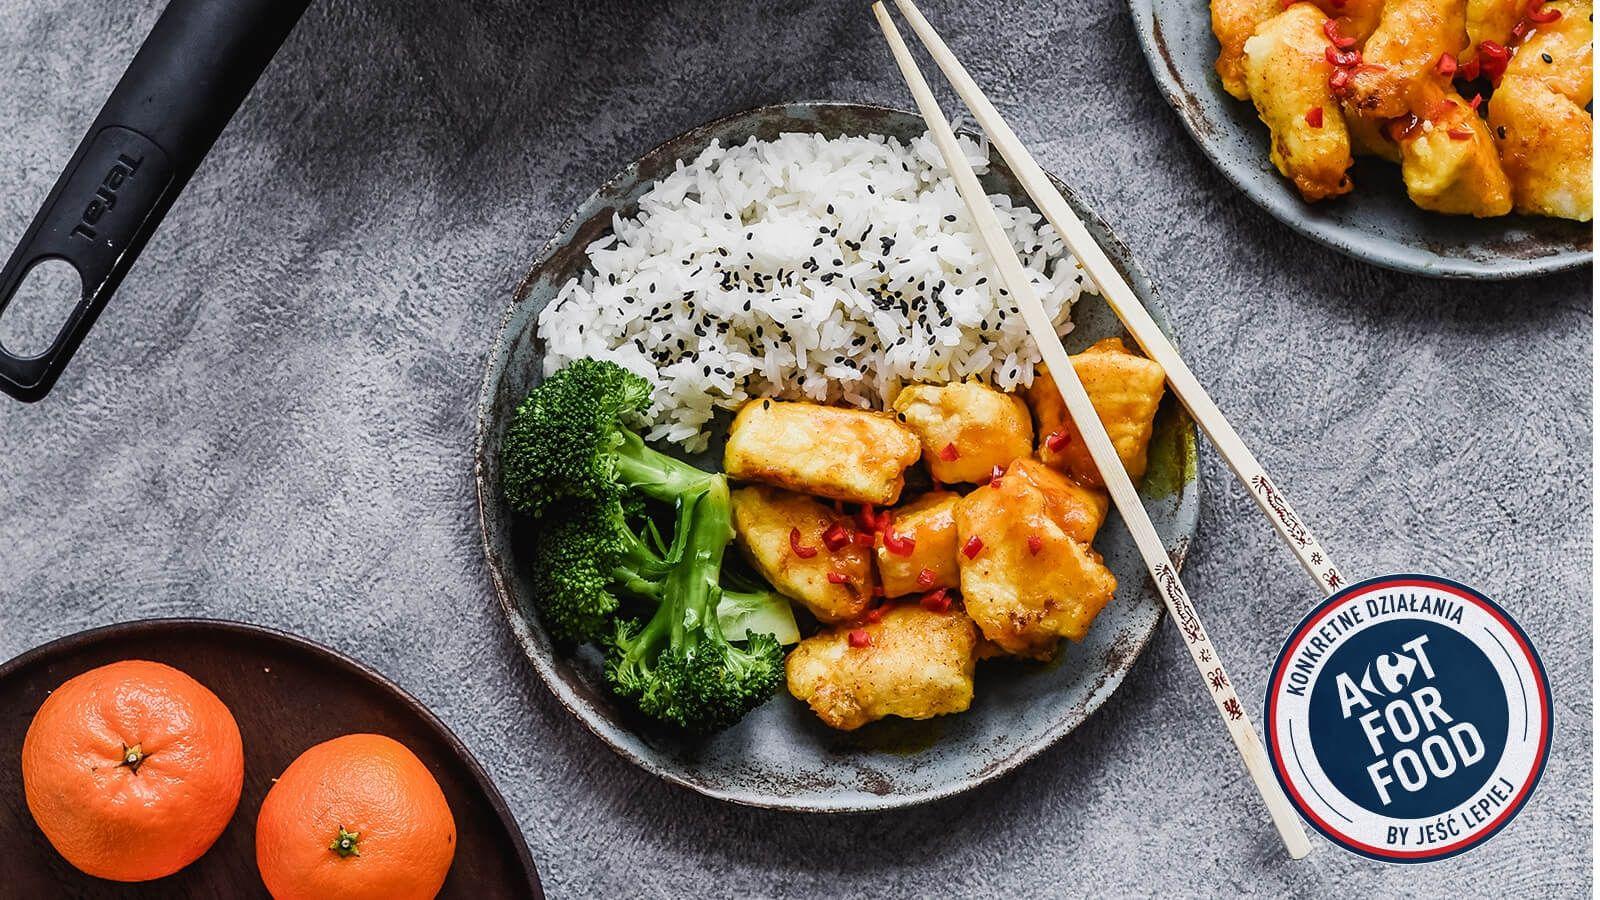 Cytrusowy kurczak z dzikim ryżem, kurkumą, chili, imbirem oraz sezamem, podany z brokułami